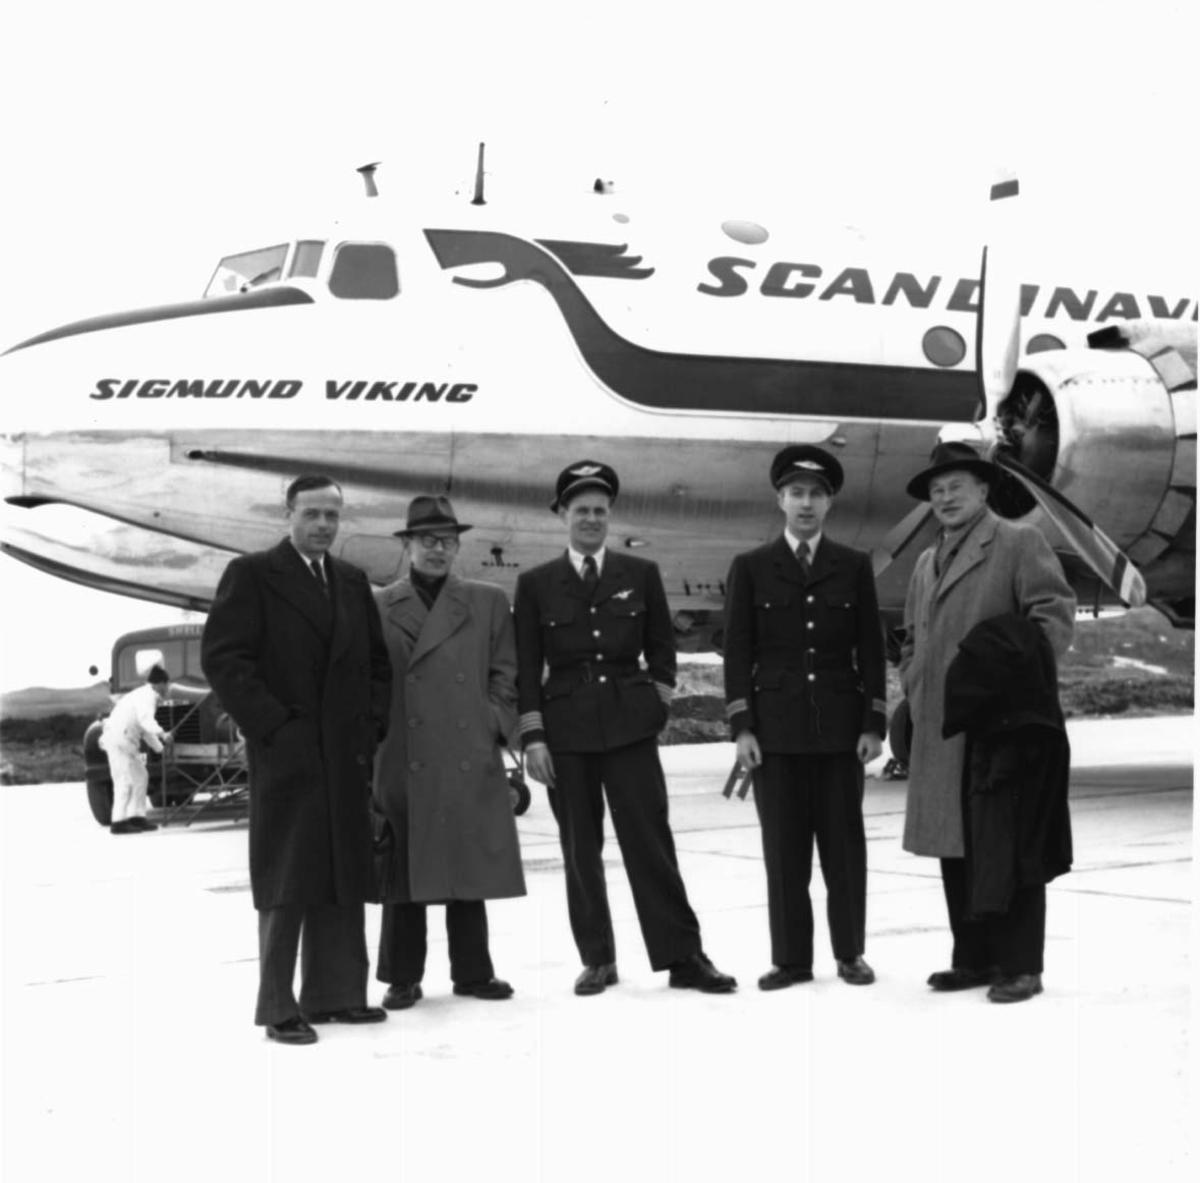 """Lufthavn, 1 fly på bakken DC-4 """"Sigmund Viking"""" fra DNL/SAS. Noen personer oppstilt foran flyet, to av dem flypersonell i uniform."""